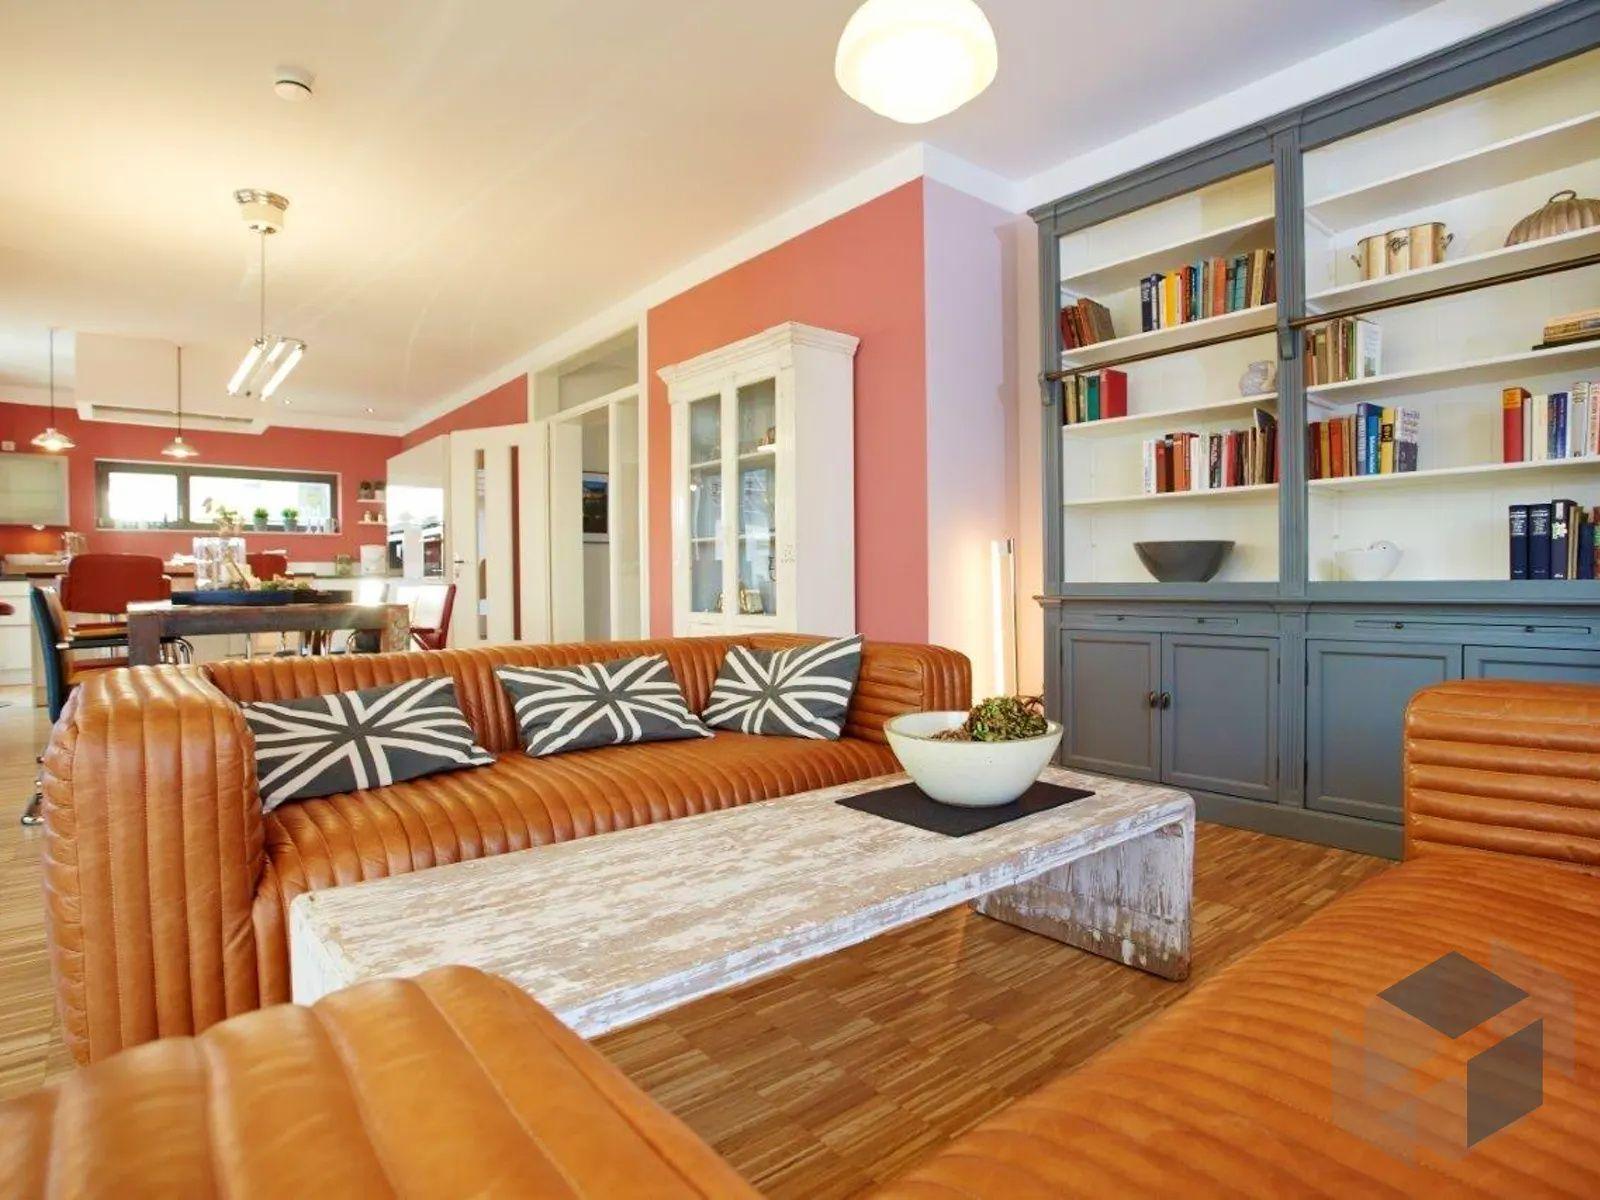 Wohnzimmer Deko amerikanischer Stil   Musterhaus, Haus ...